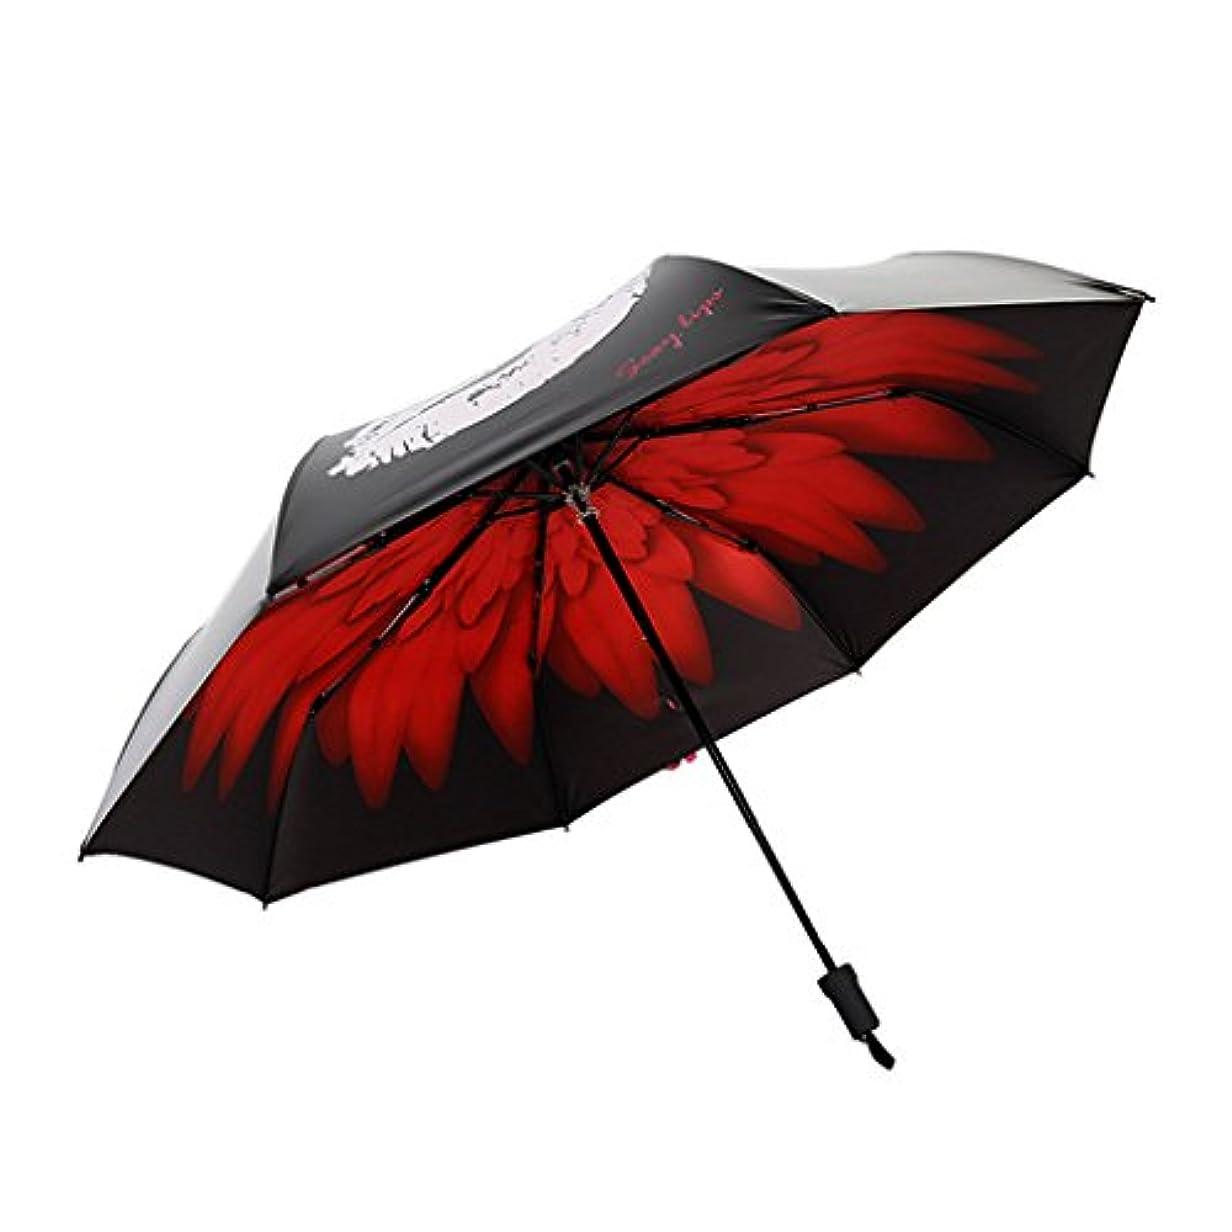 穴クロスわずらわしい防風旅行折りたたみ傘ゴルフ傘キャリングバッグ付き、軽量8リブ自動防風キャノピーコンパクト高速乾燥 (色 : A)